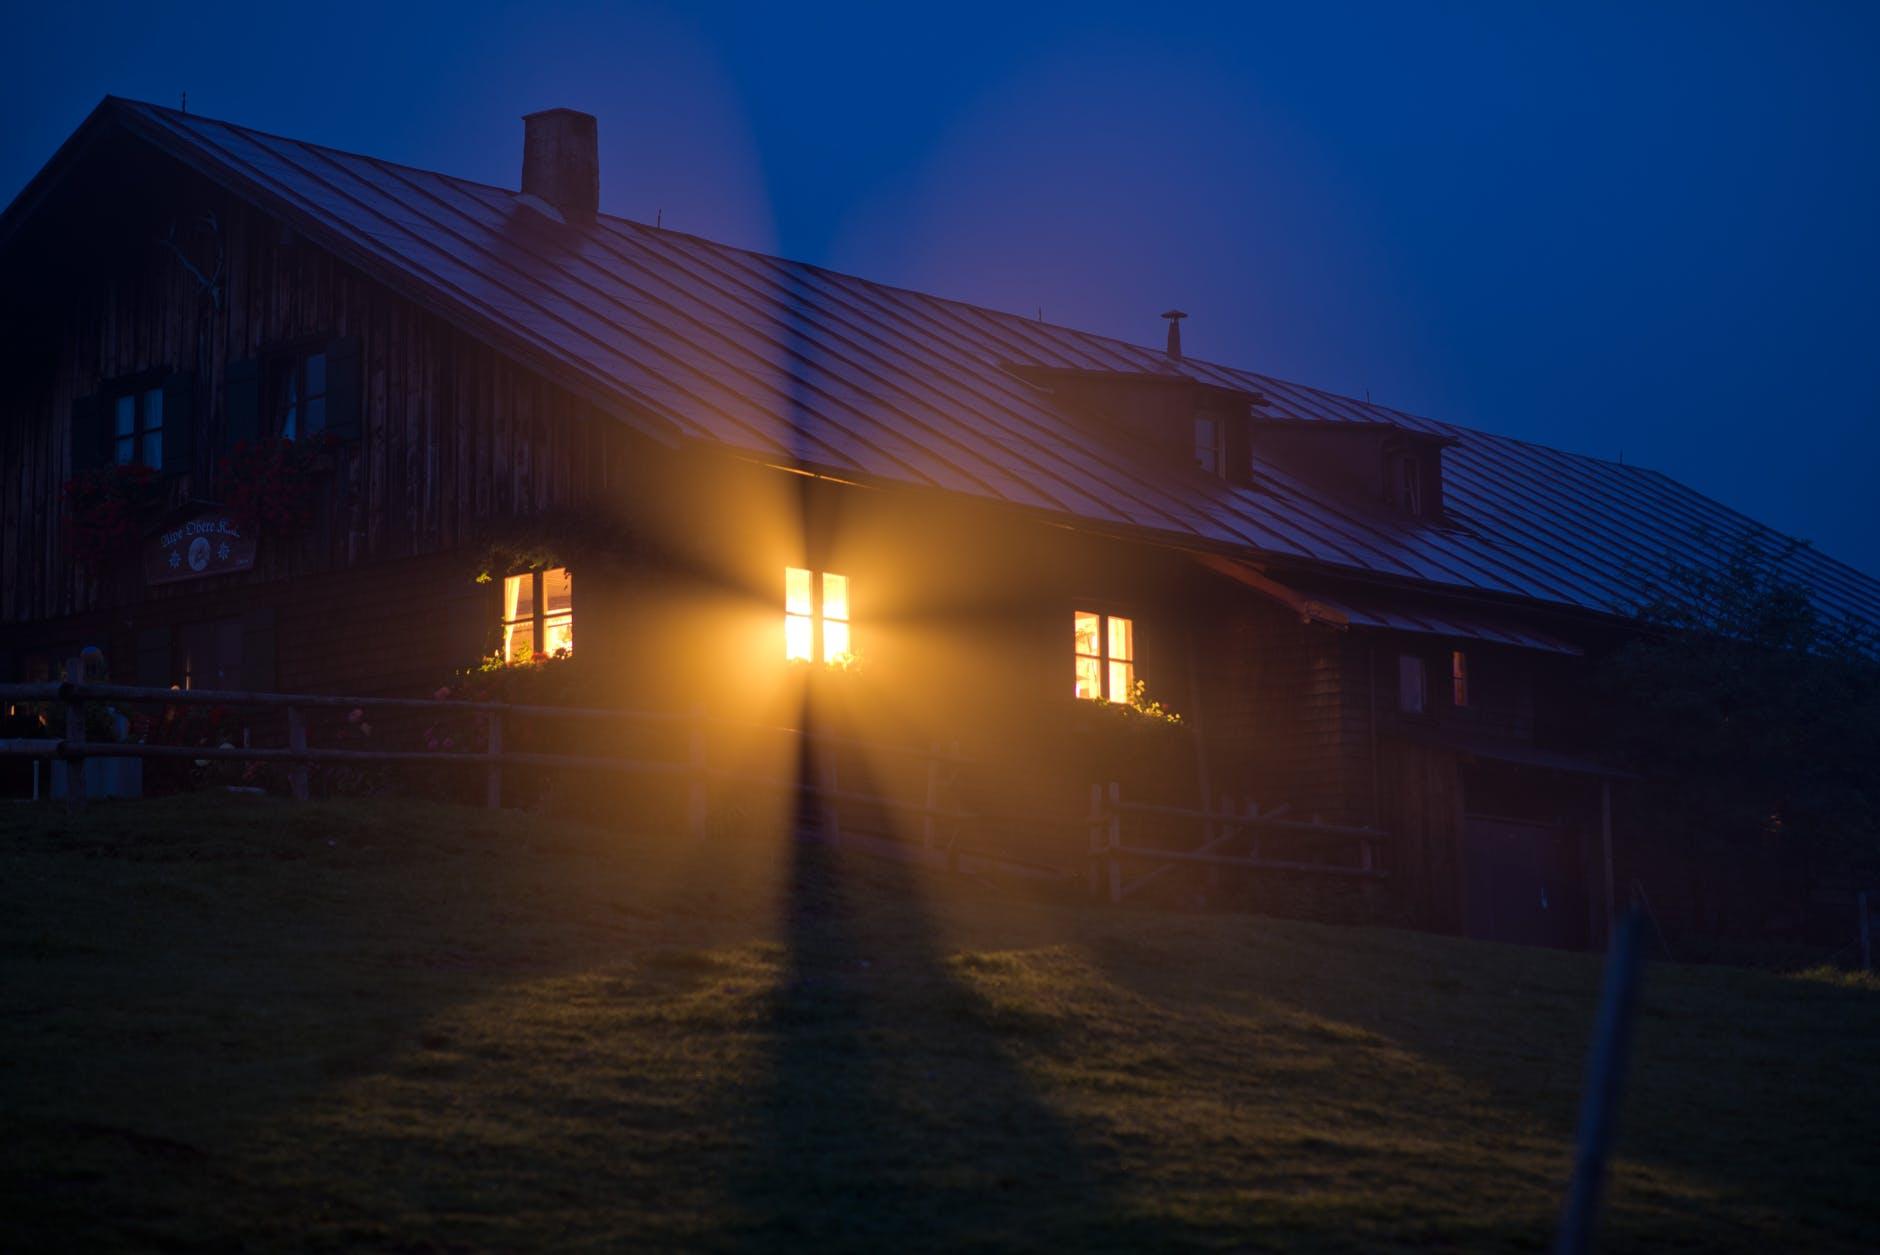 Особняки «под прикрытием»:  5 историй о домах с секретом